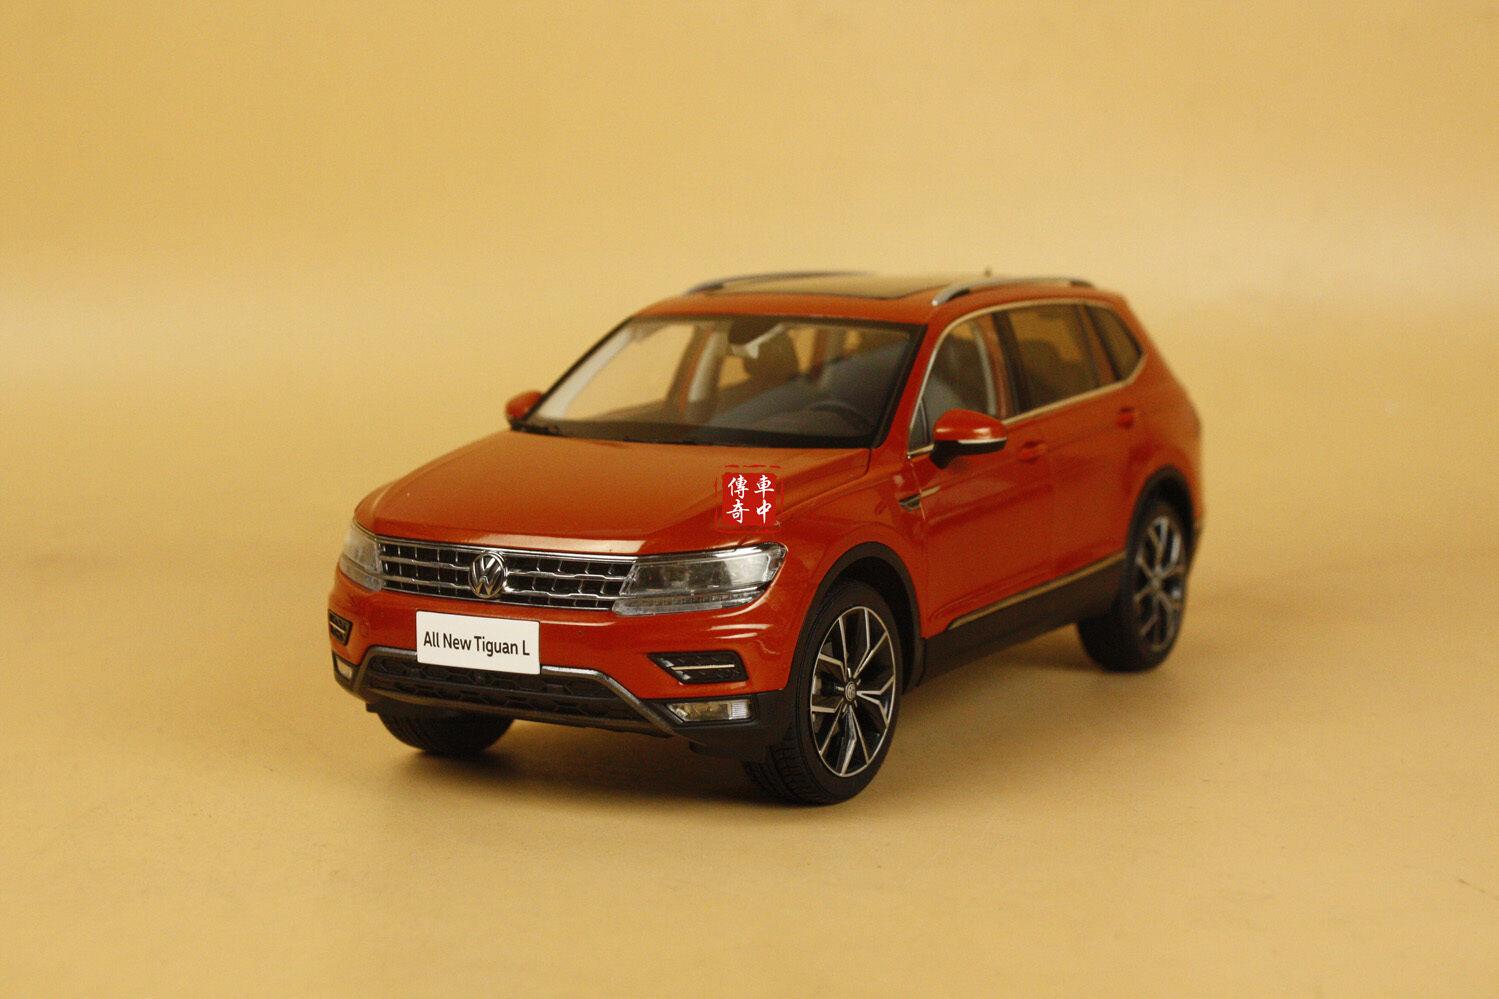 1 18 2017 Volkswagen Nuevo Tiguan L Modelo Diecast Coloree arancia + Regalo